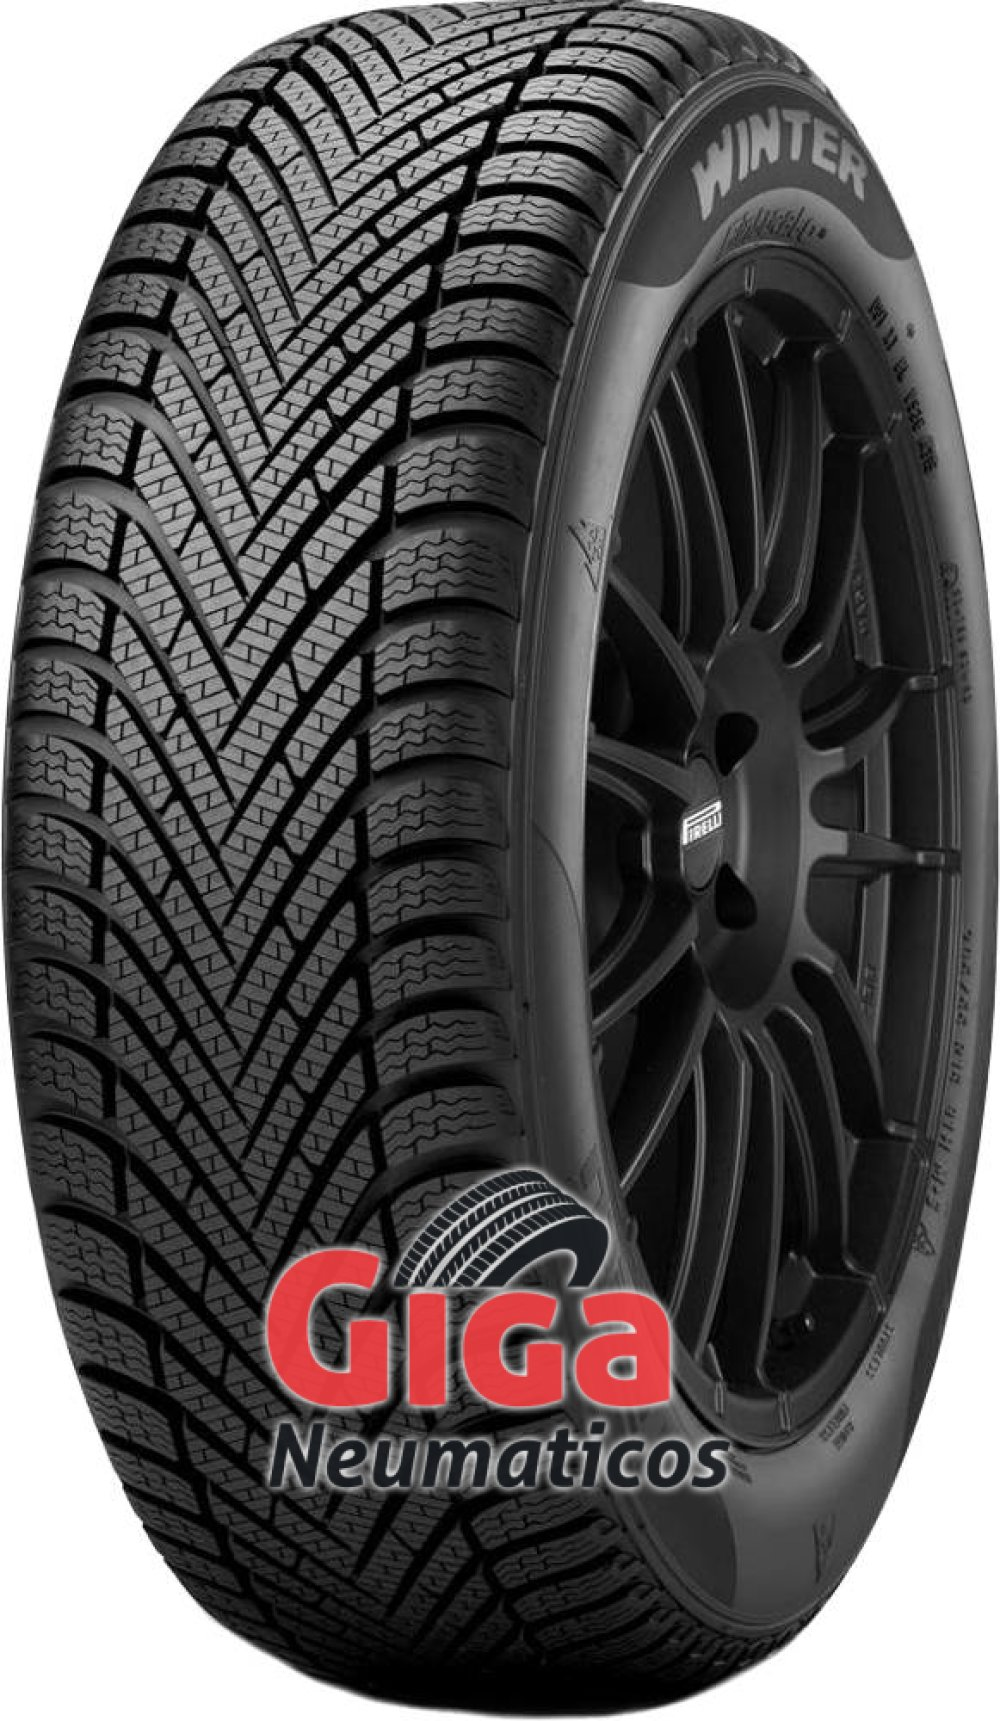 Pirelli Cinturato Winter ( 185/50 R16 81T )